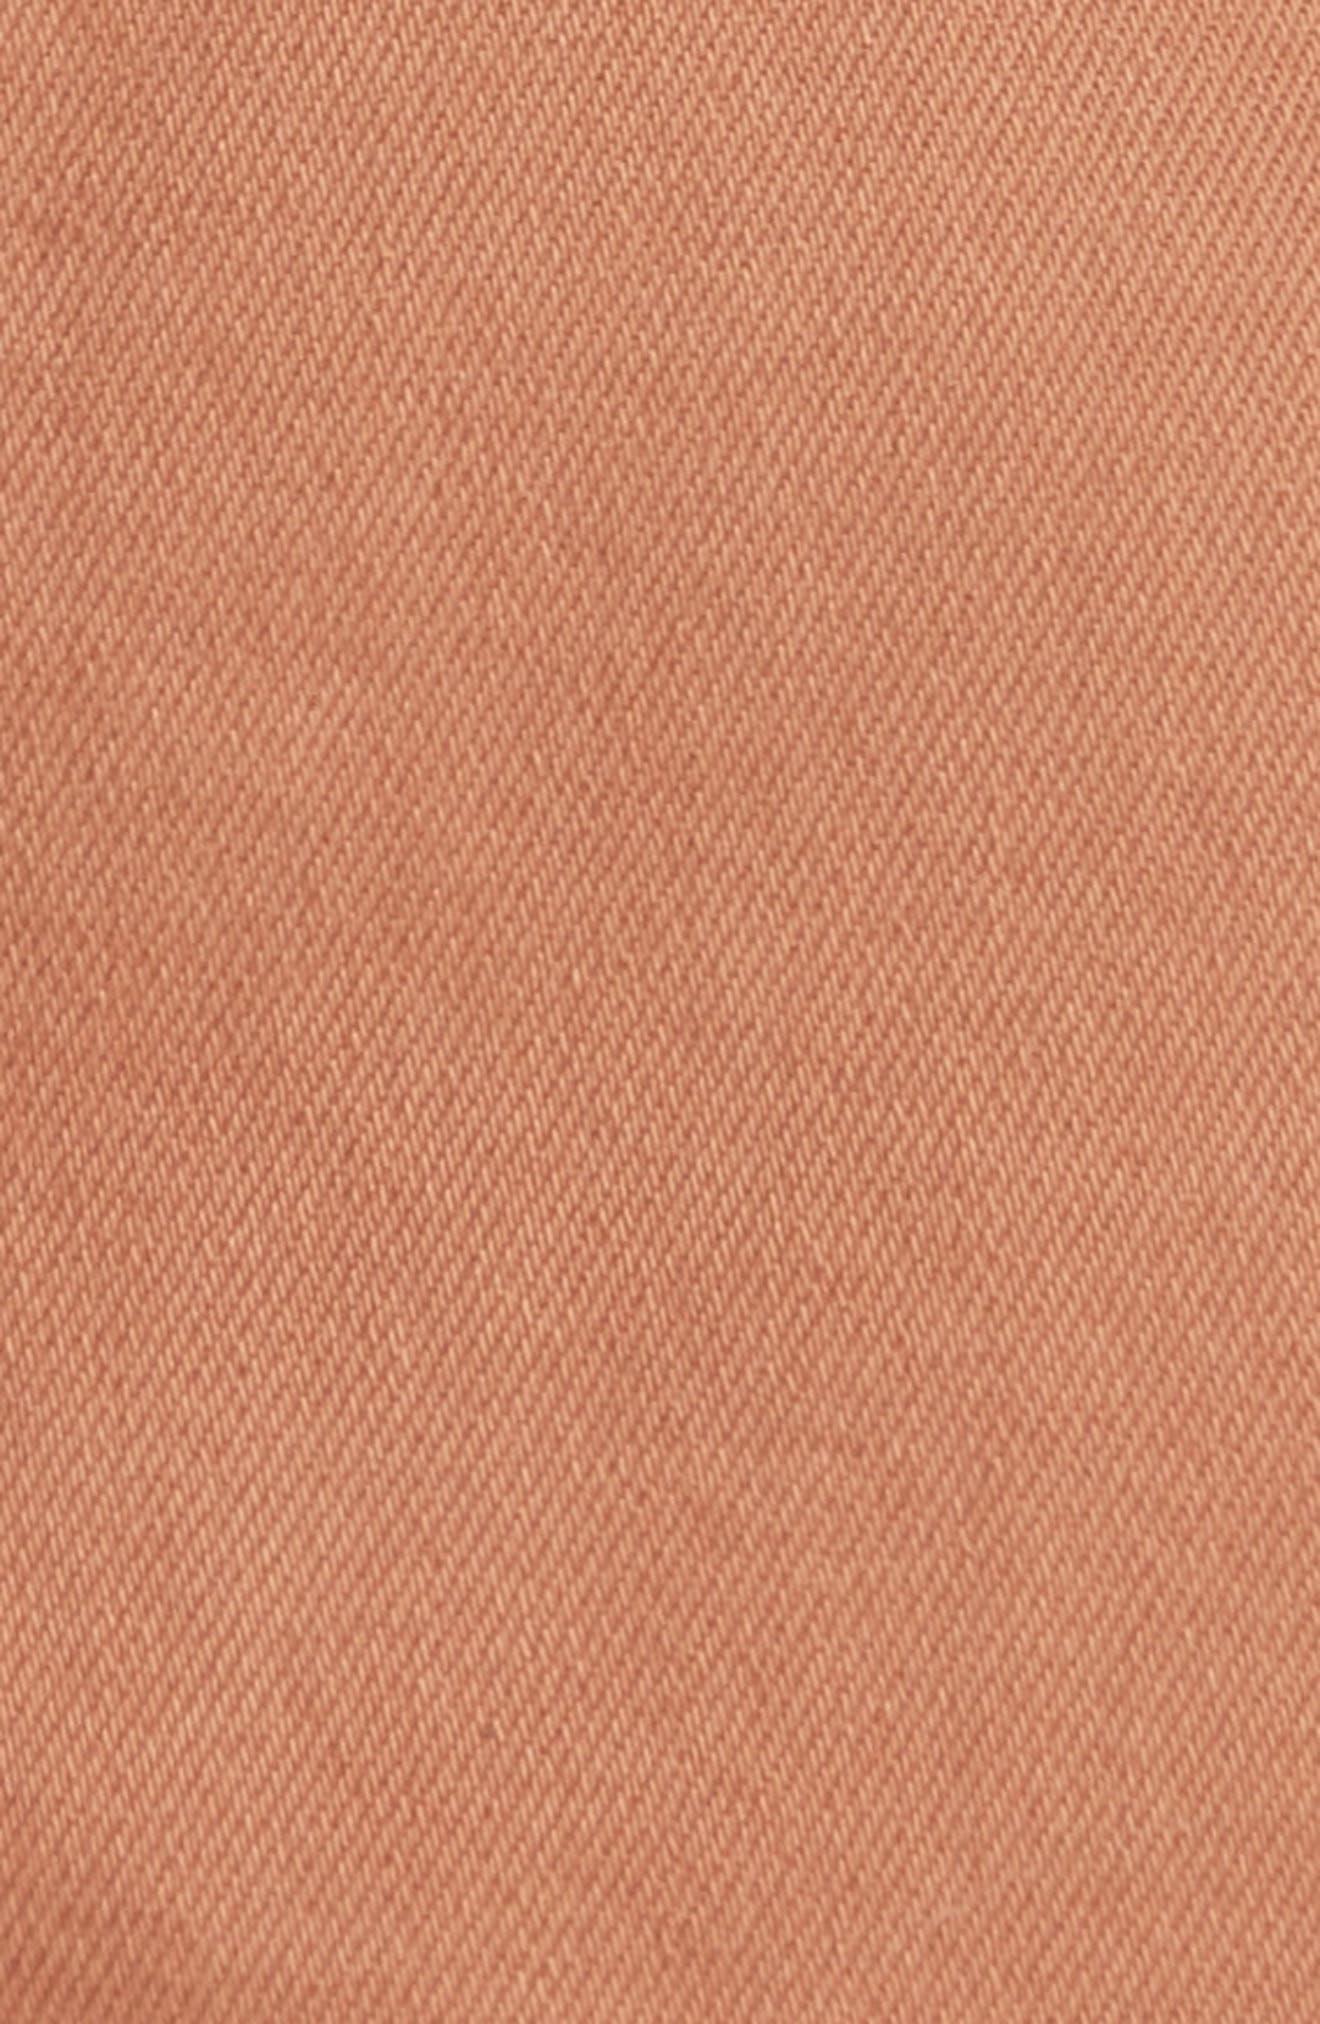 Denim A-Line Skirt,                             Alternate thumbnail 5, color,                             Bronze